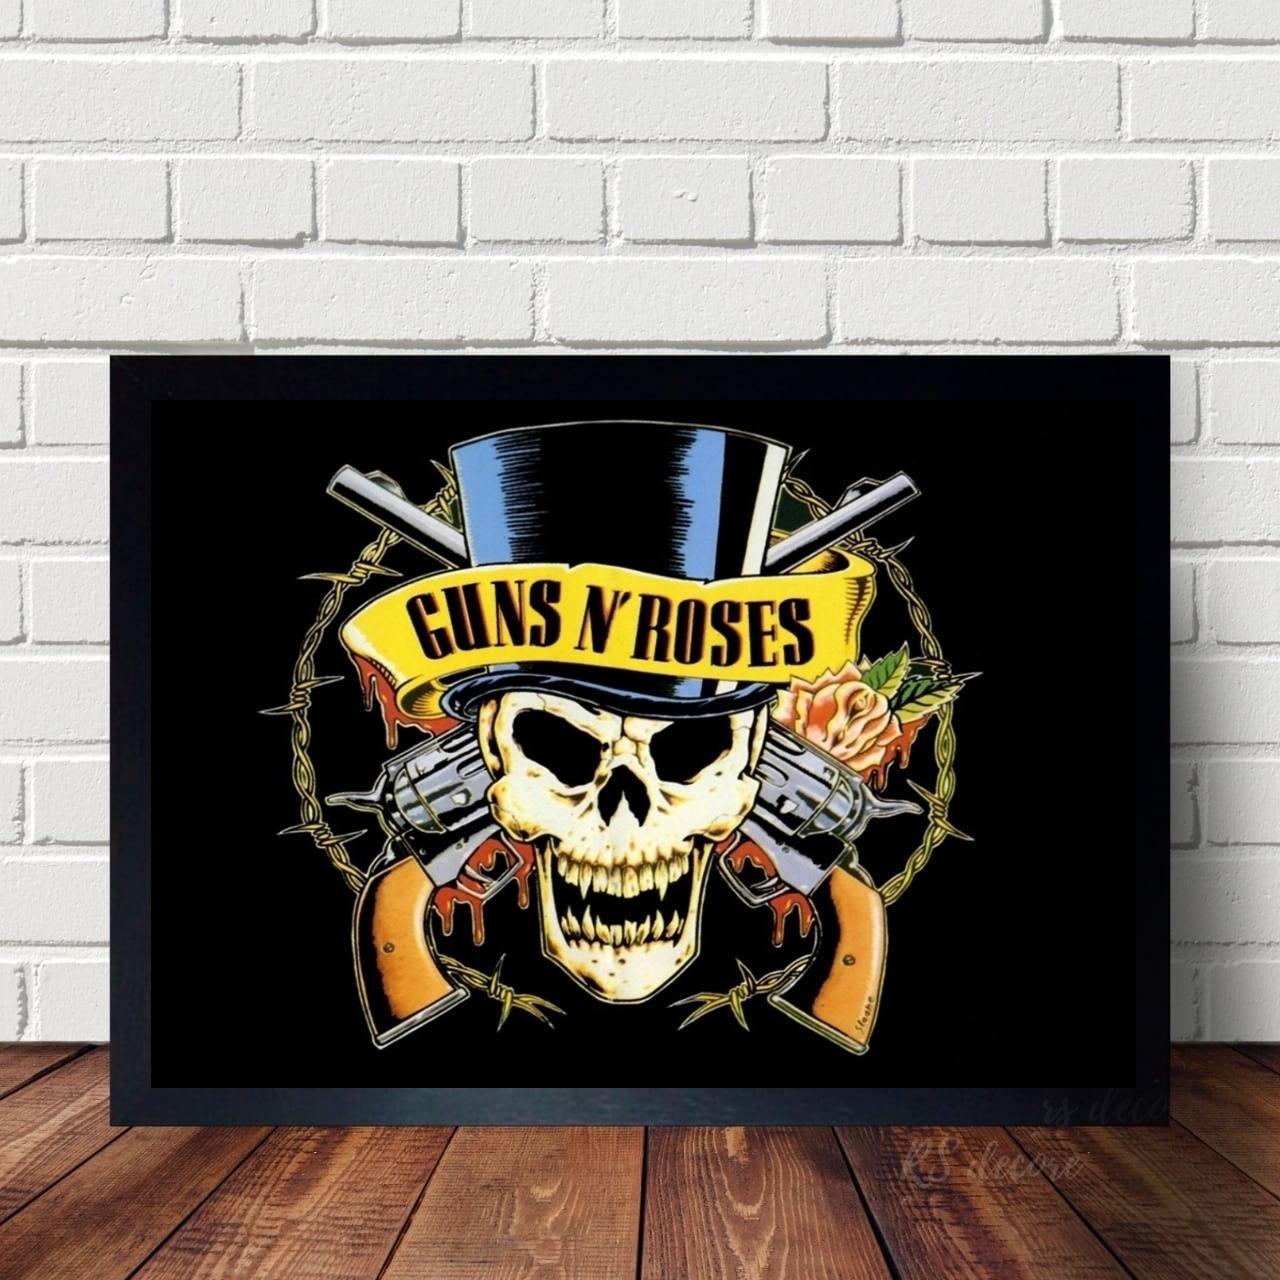 Quadro Da Banda Guns N Roses